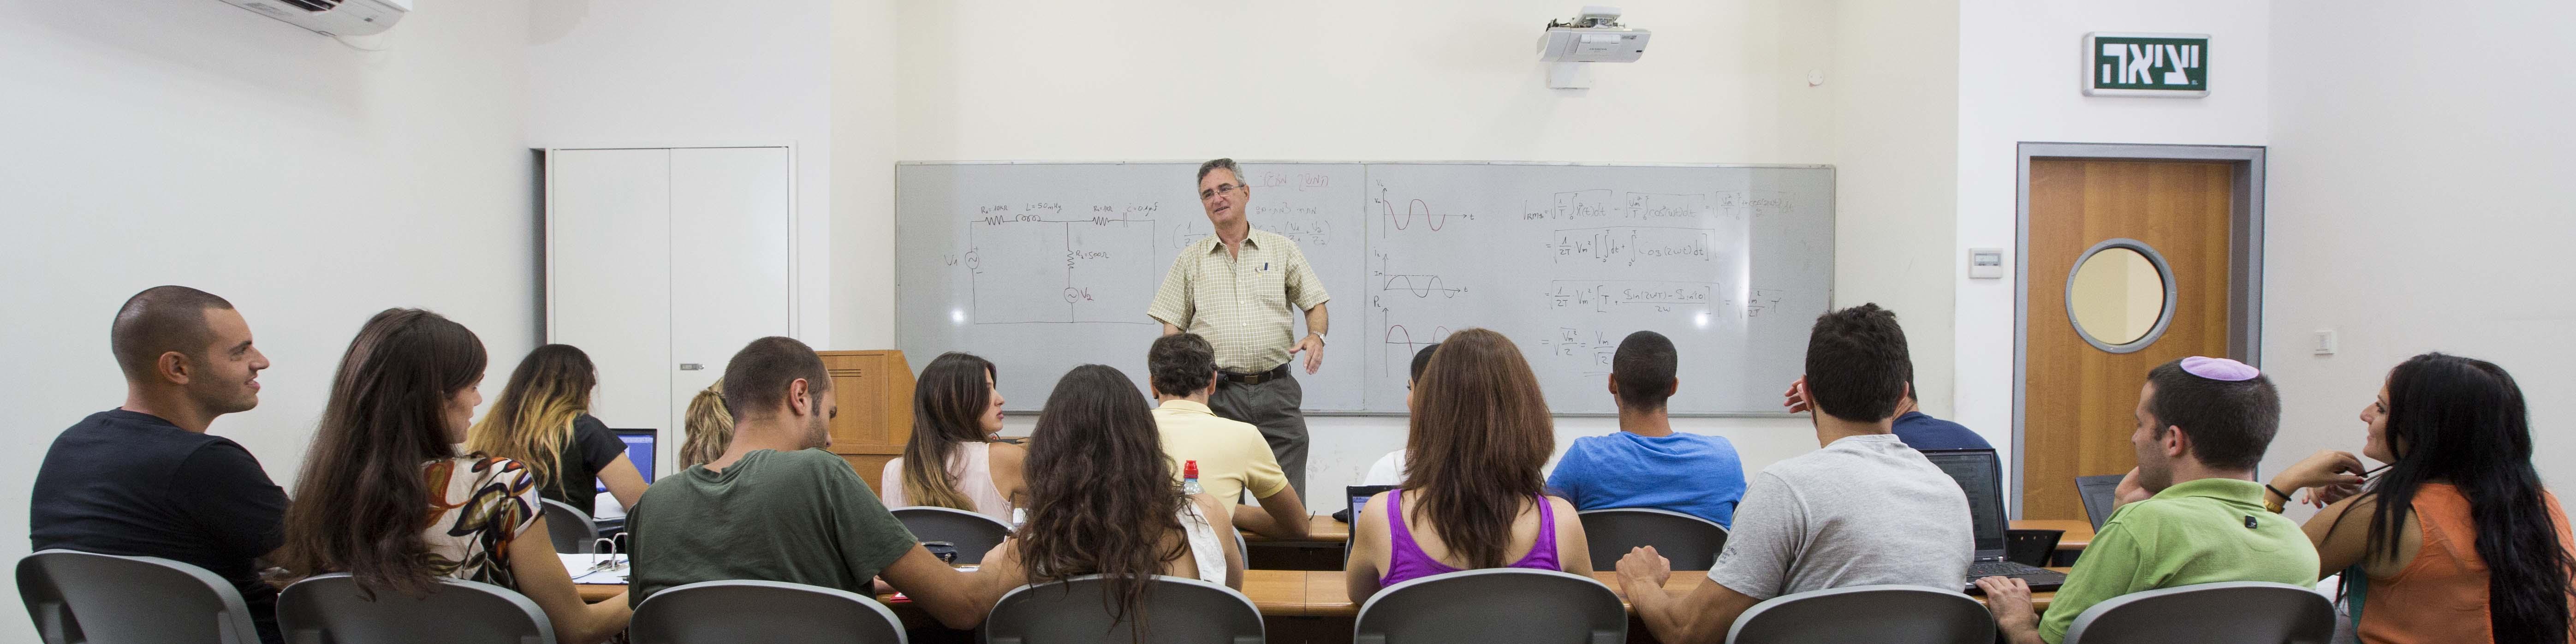 סטודנטים בשיעור עם פרופ' ישראל רינגל - המחלקה להנדסת פרמצבטית